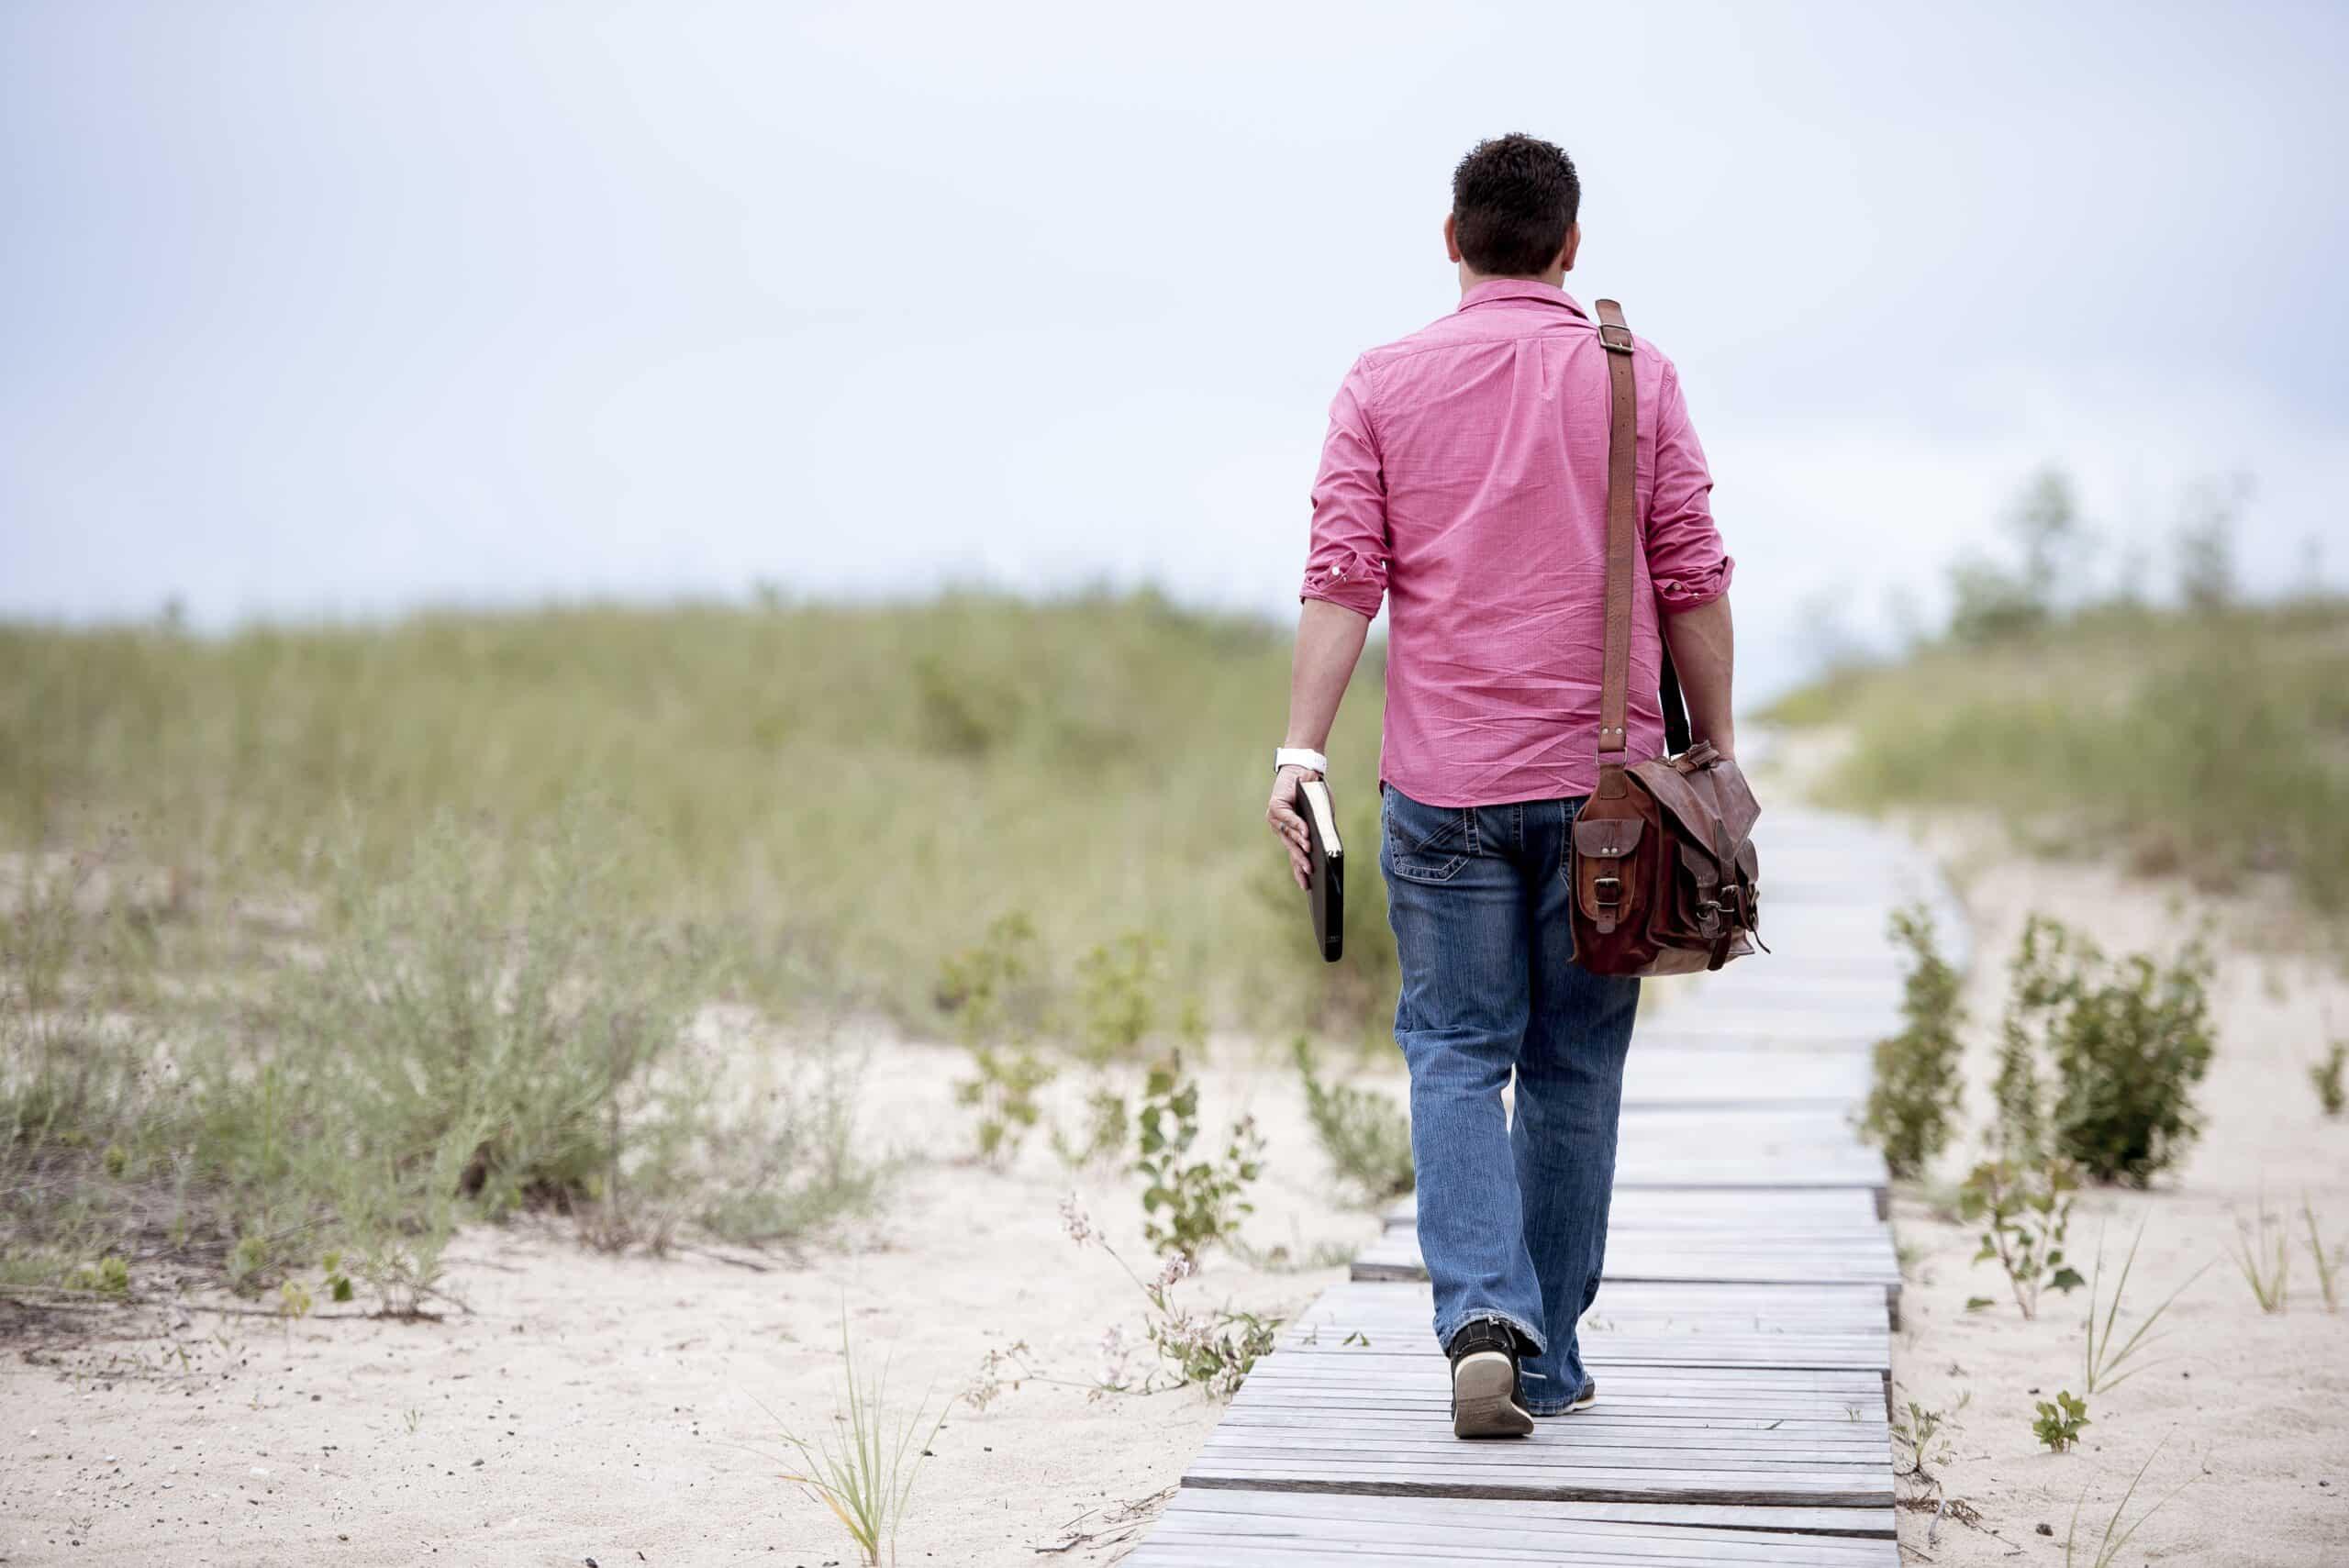 que pasos se deben tomar para un verdadero cambio de vida